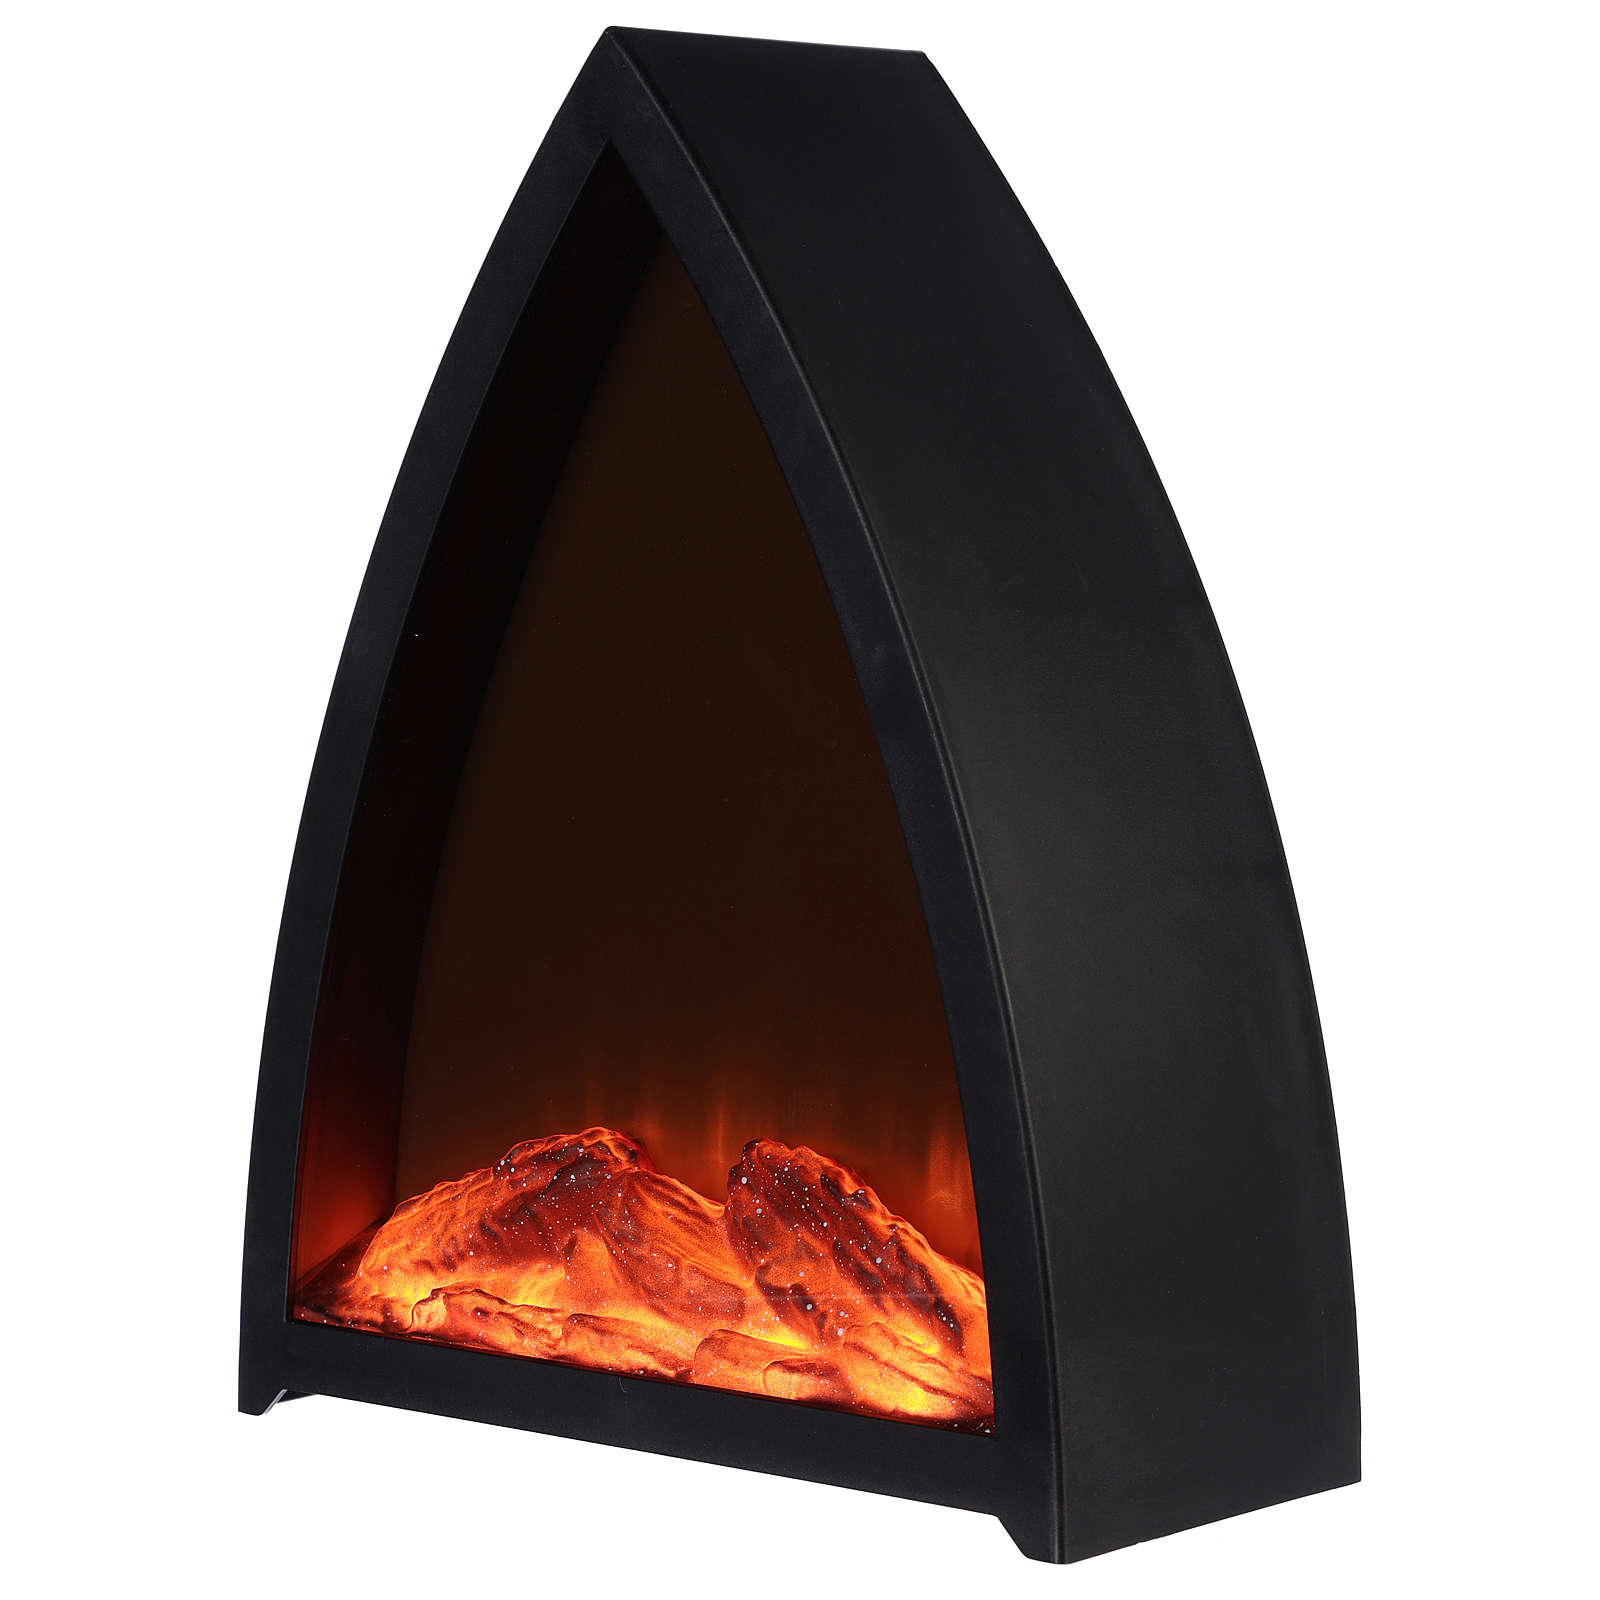 Caminetto Led con fuoco Led triangolare 35x30x 10 cm 3